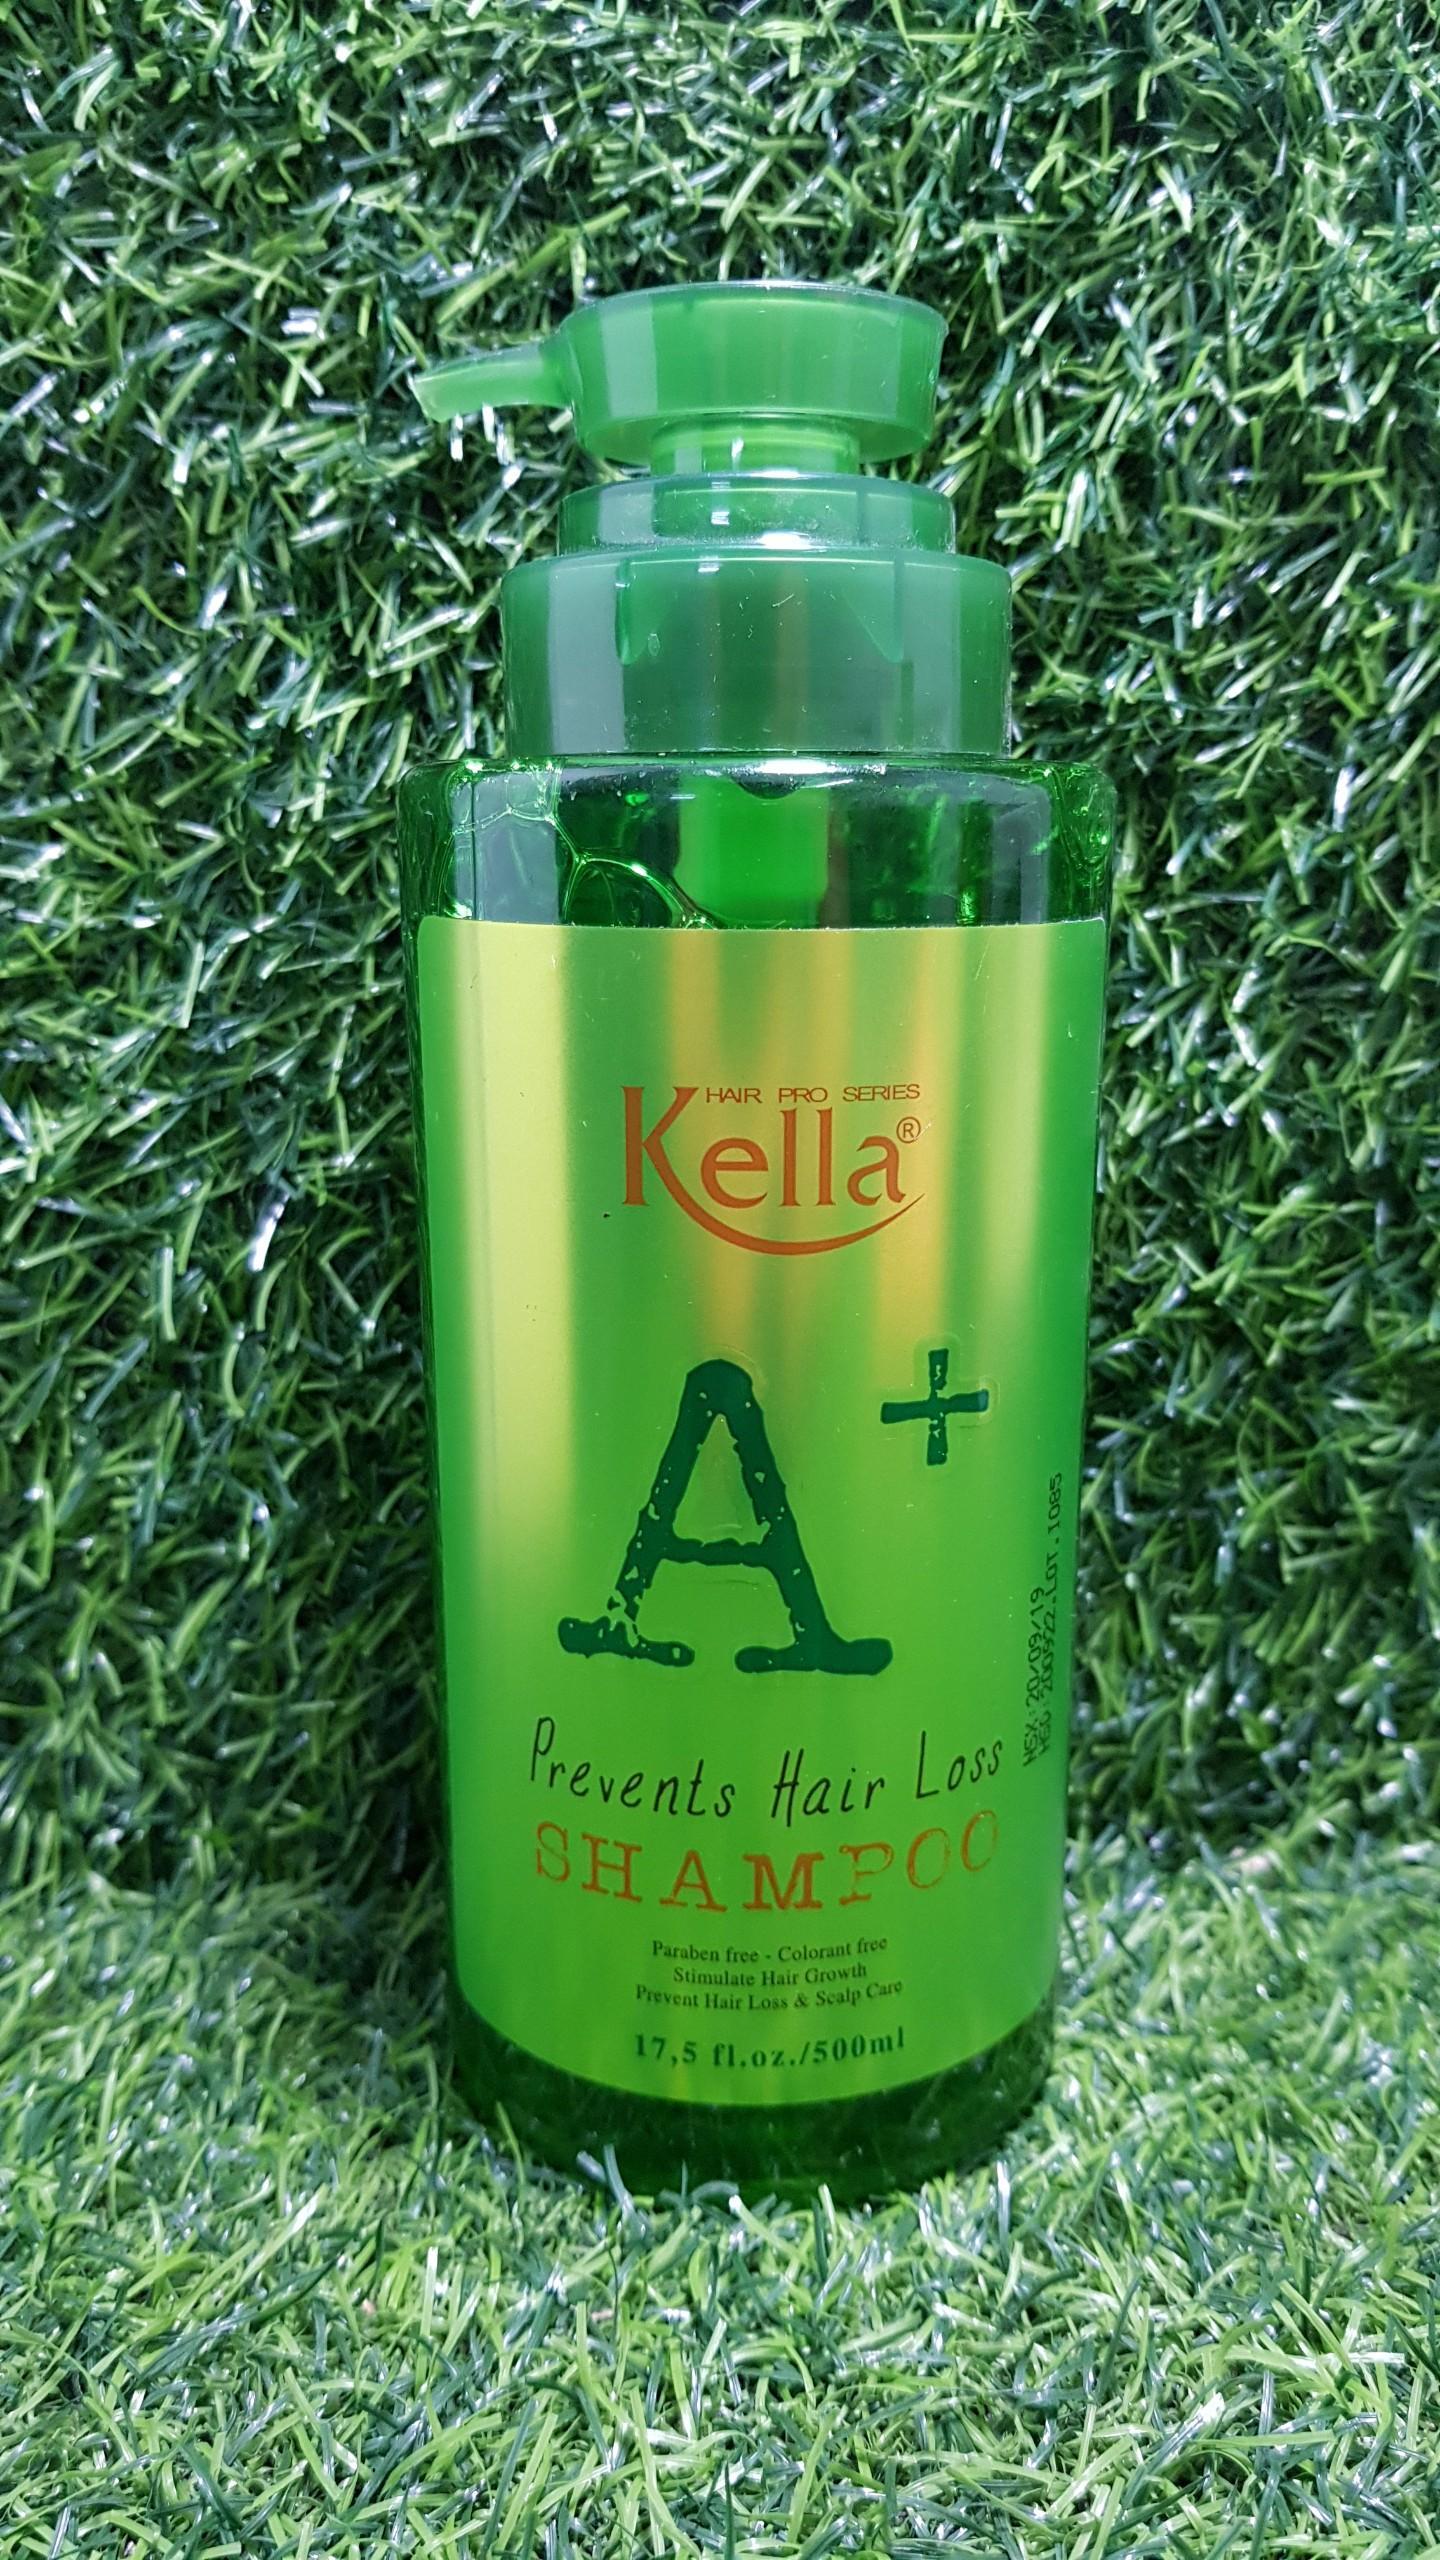 Dầu gội chống rụng và kích thích mọc tóc Kella A+ 500ml giá rẻ